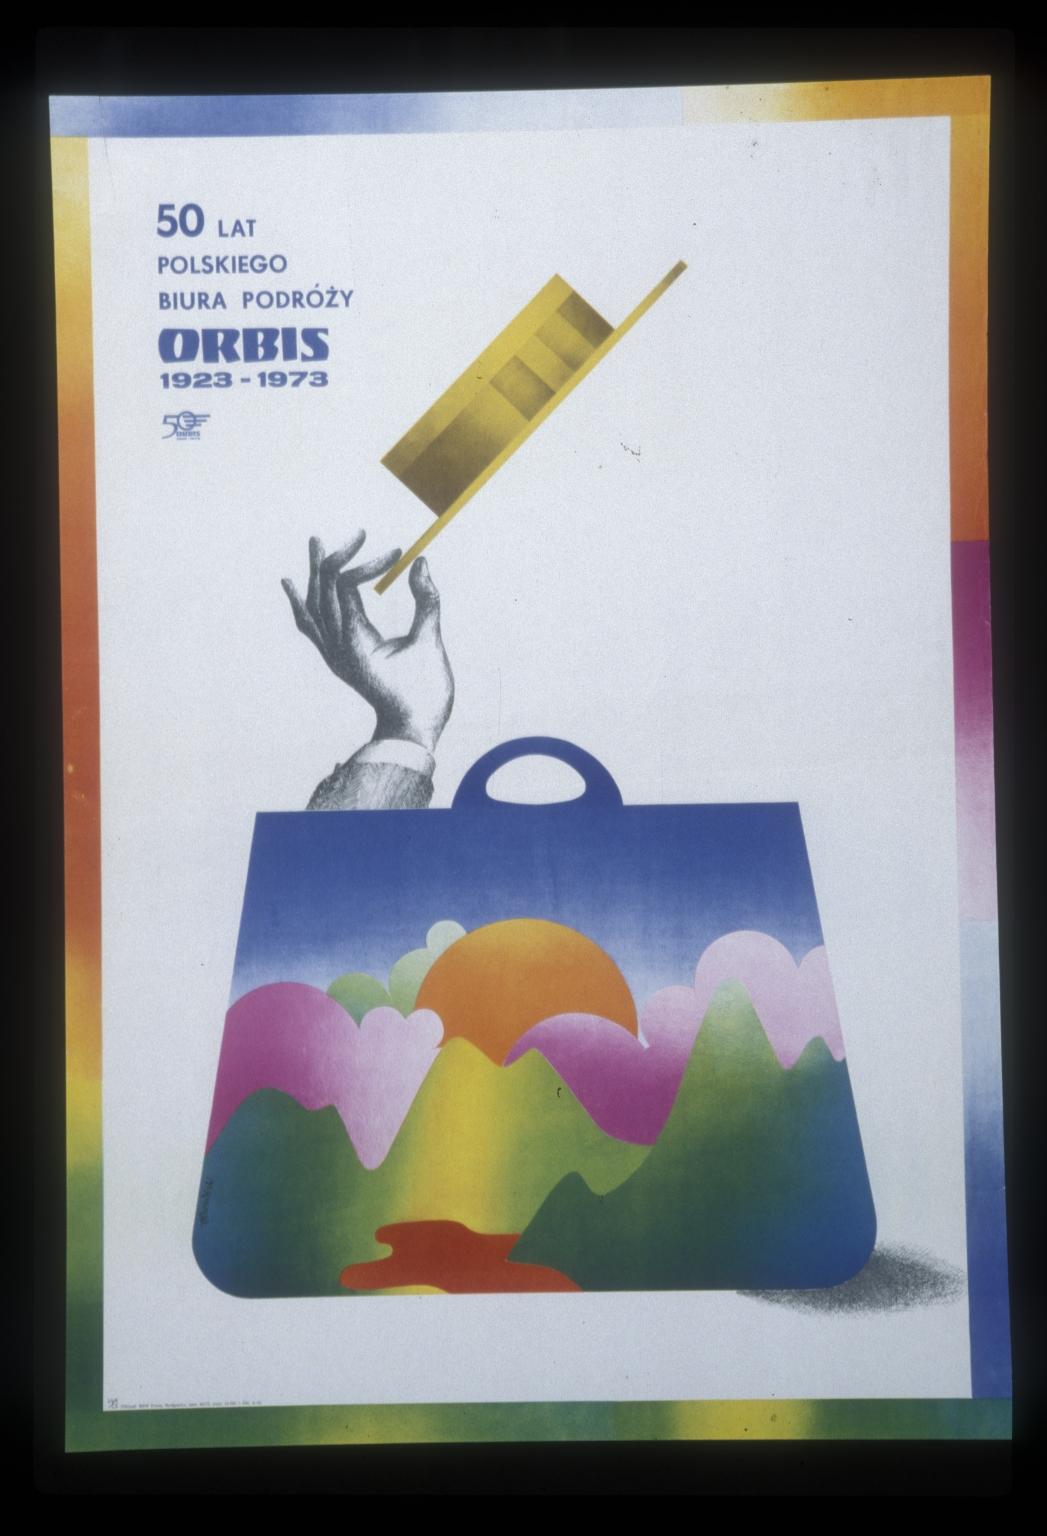 Orbis, 1923-1973: 50 lat polskiego biura podrozy